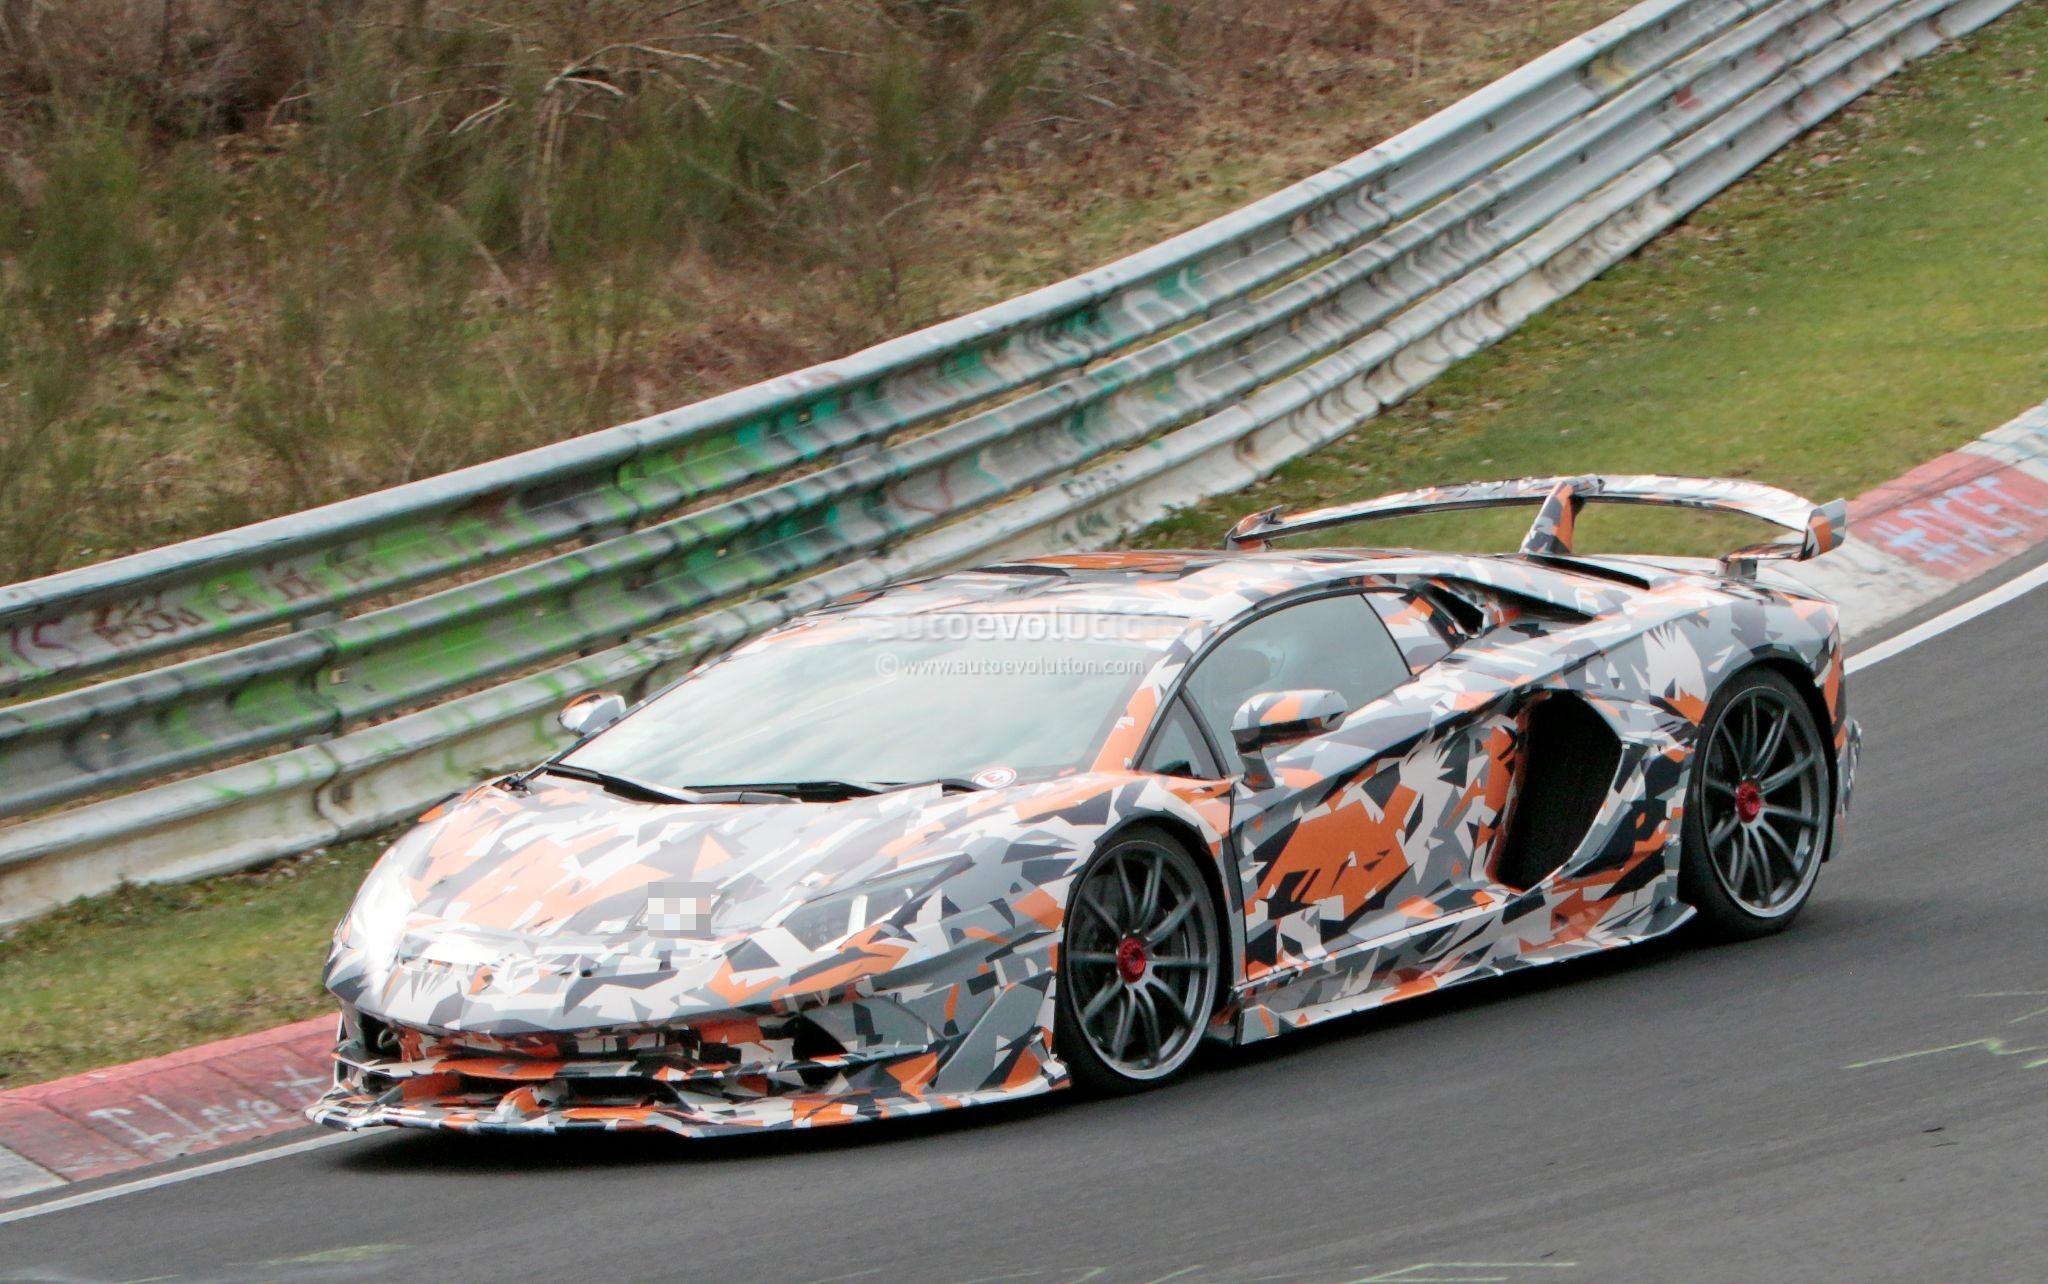 New Lamborghini Aventador Svj Video Teaser Promises Best